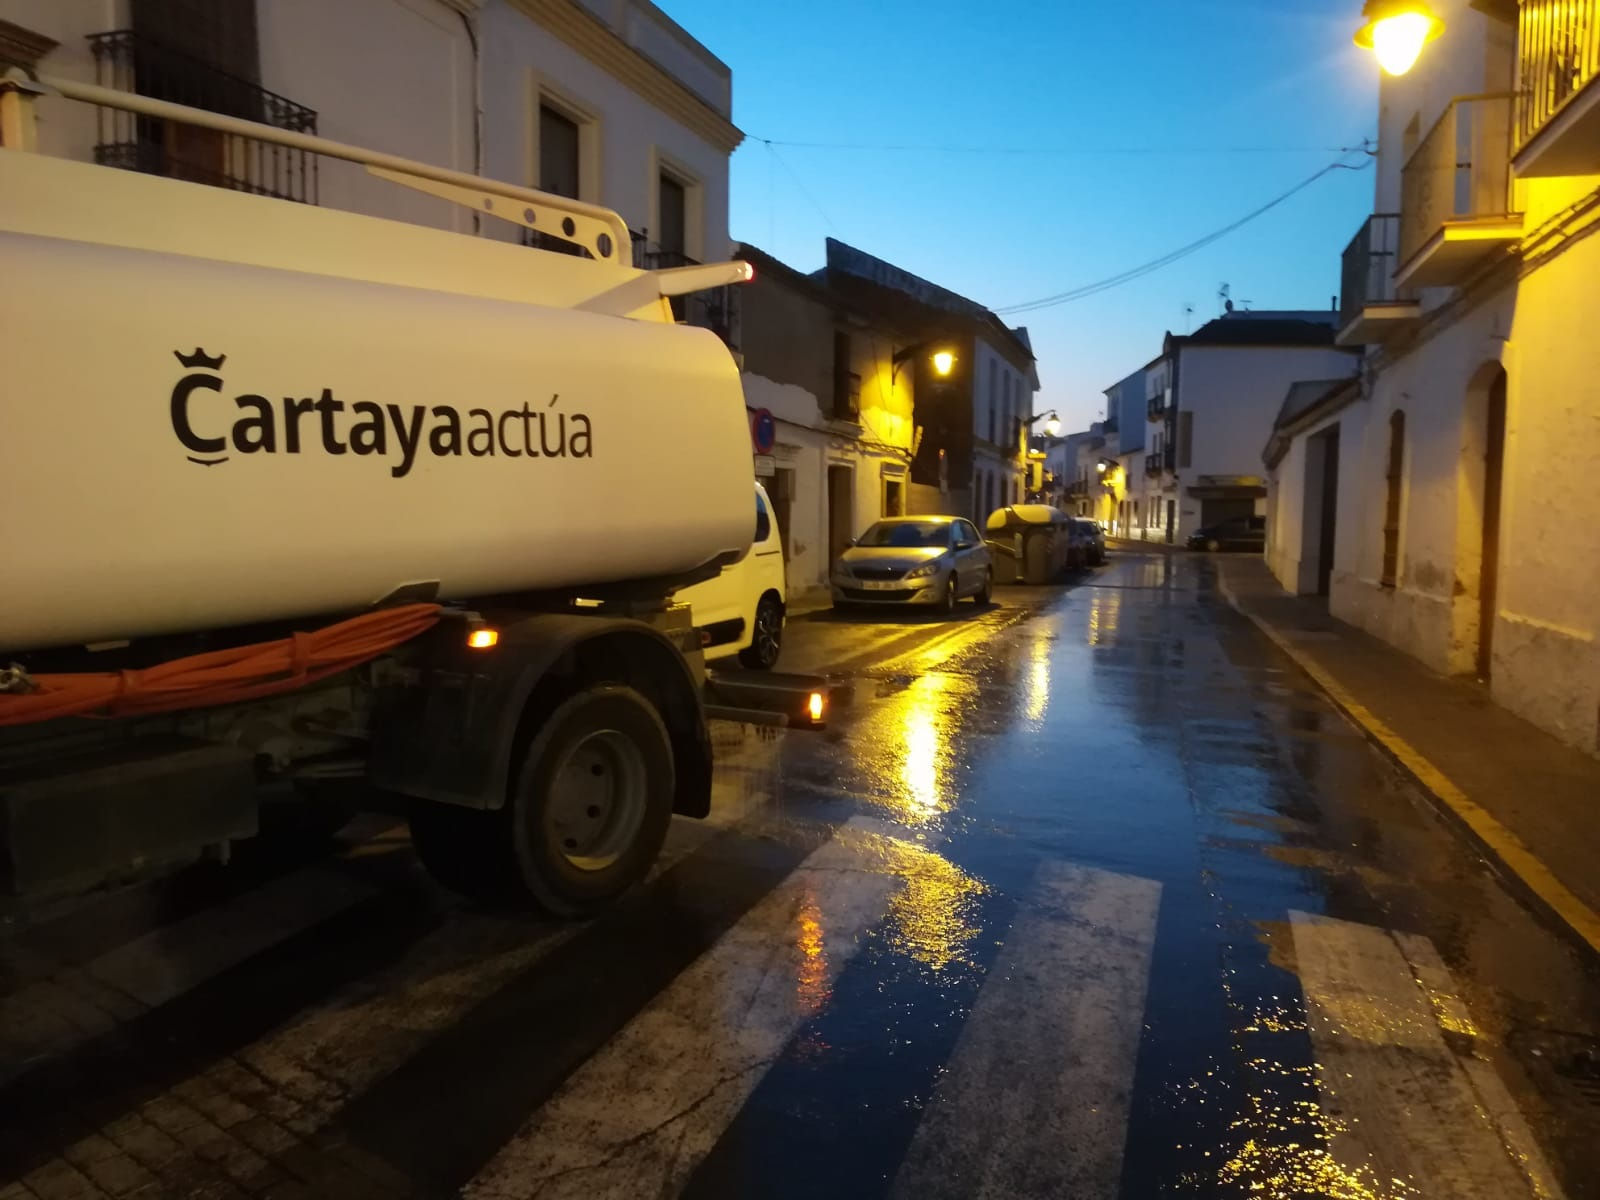 El Ayuntamiento de Cartaya intensifica la desinfección de calles y espacios públicos en la localidad por el coronavirus.